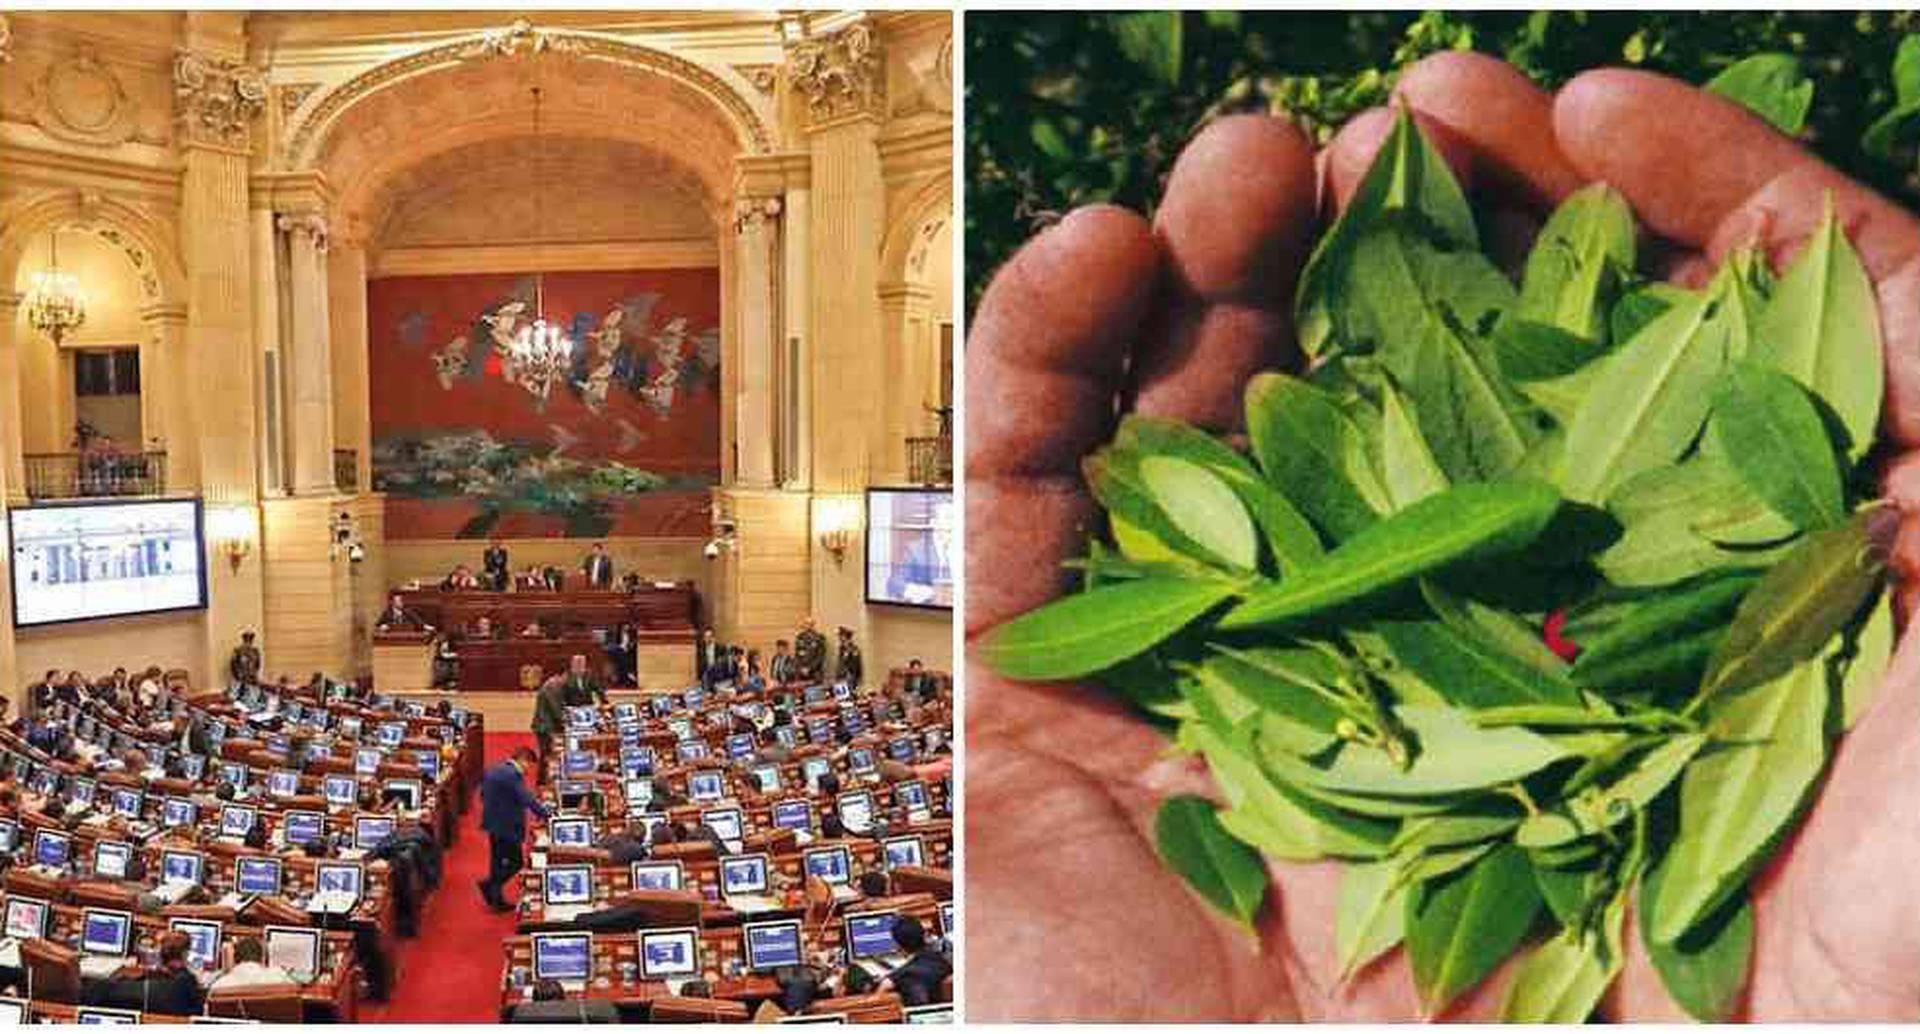 En el congreso se discutirá si es posible regular el consumo adulto de los derivados de la hoja de coca.